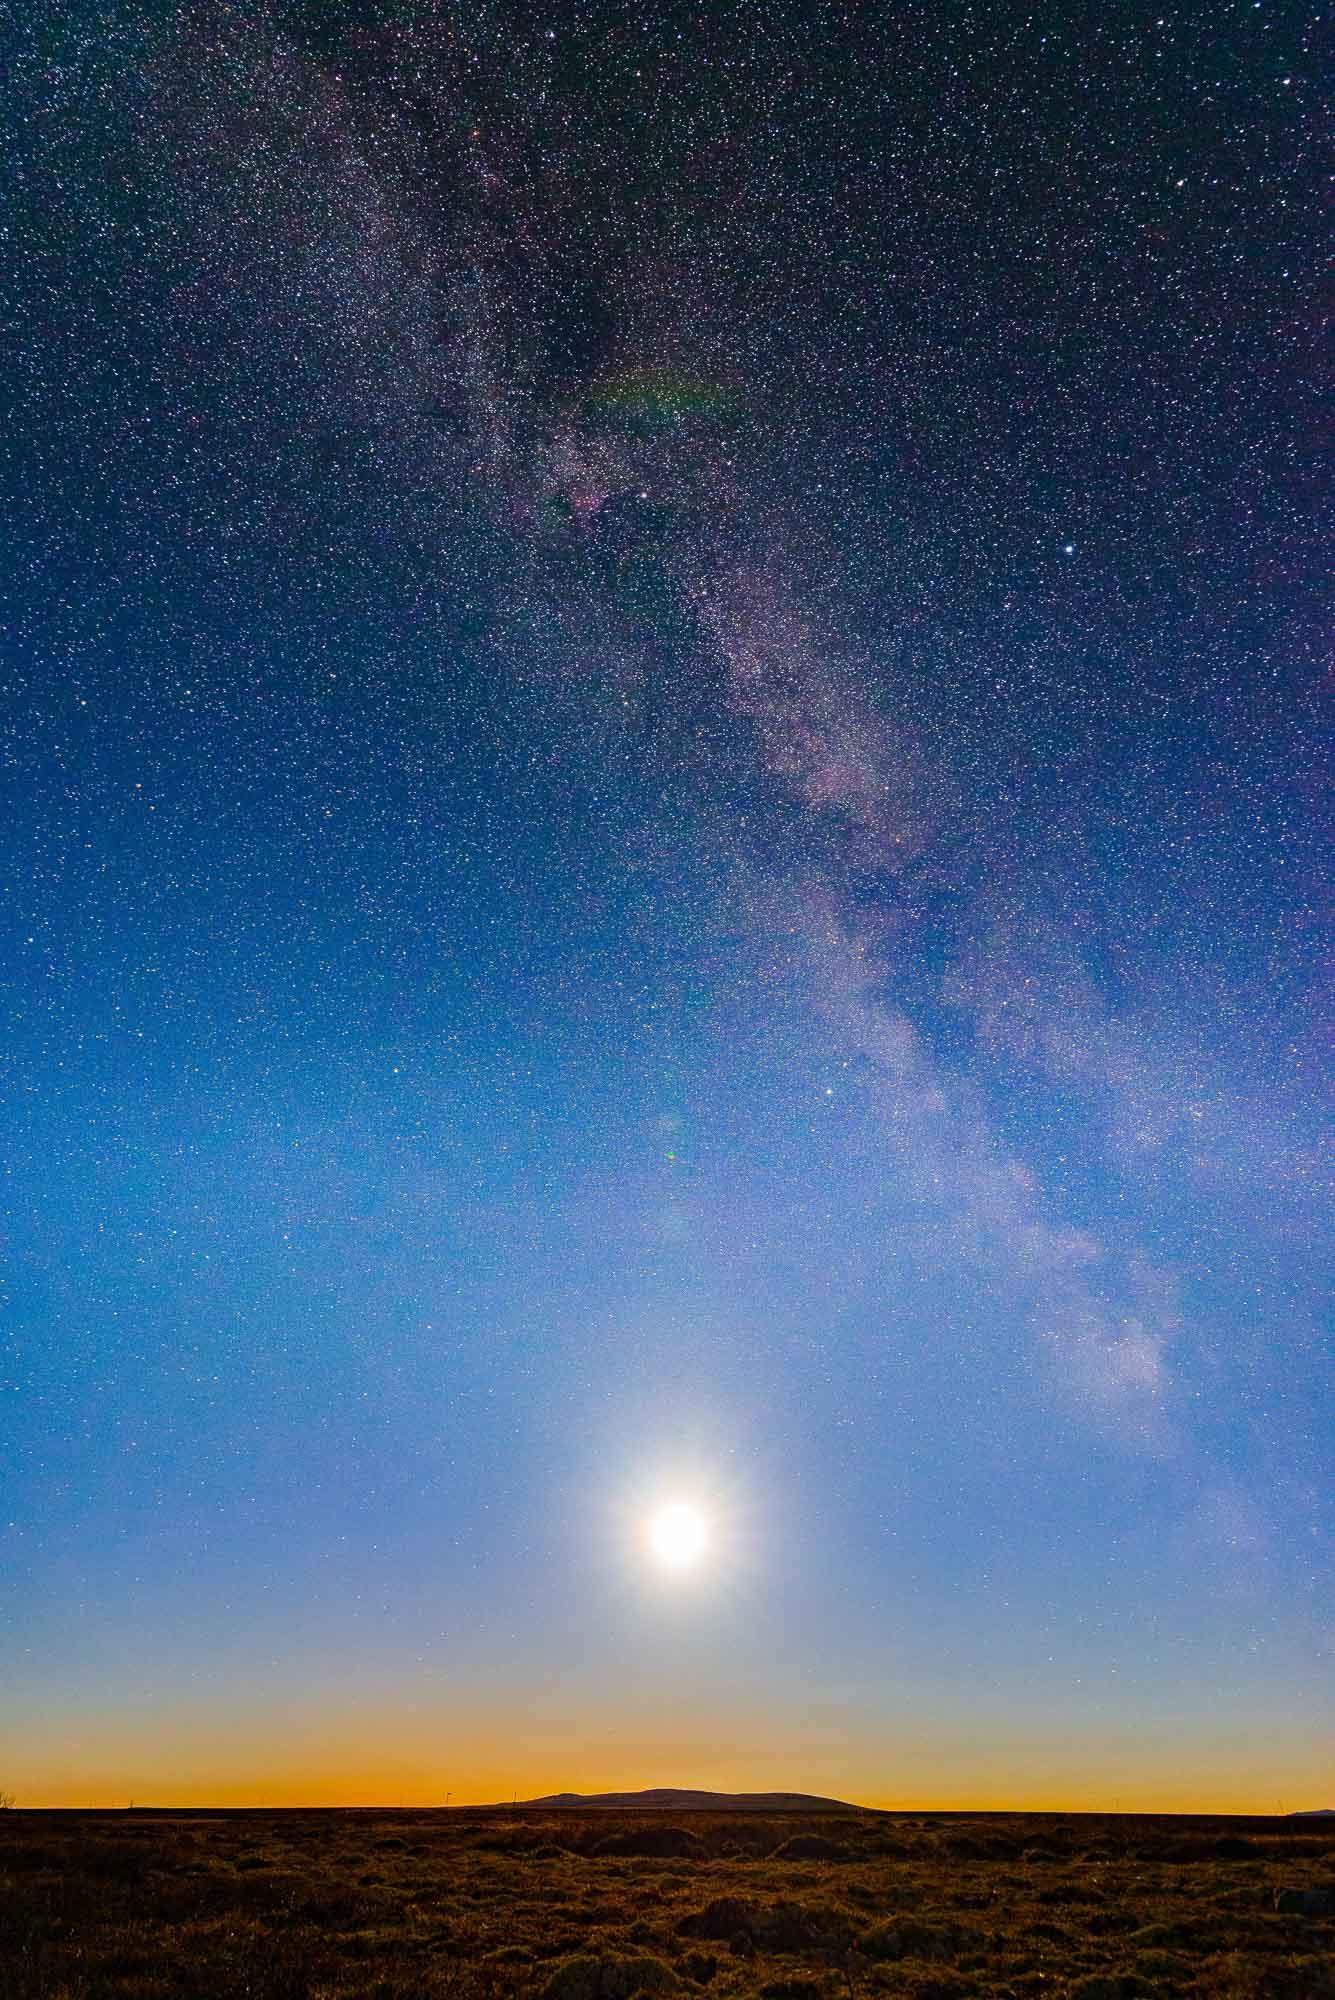 Vår galakse, Melkeveien, er en av 50 eller 100 milliarder andre galakser i universet. Og for hvert skritt, hvert vindu som moderne astrofysikk har åpnet for sinnet vårt, den personen som ønsker å føle at de er i sentrum av alt ender opp med å krympe. — Neil deGrasse Tyson